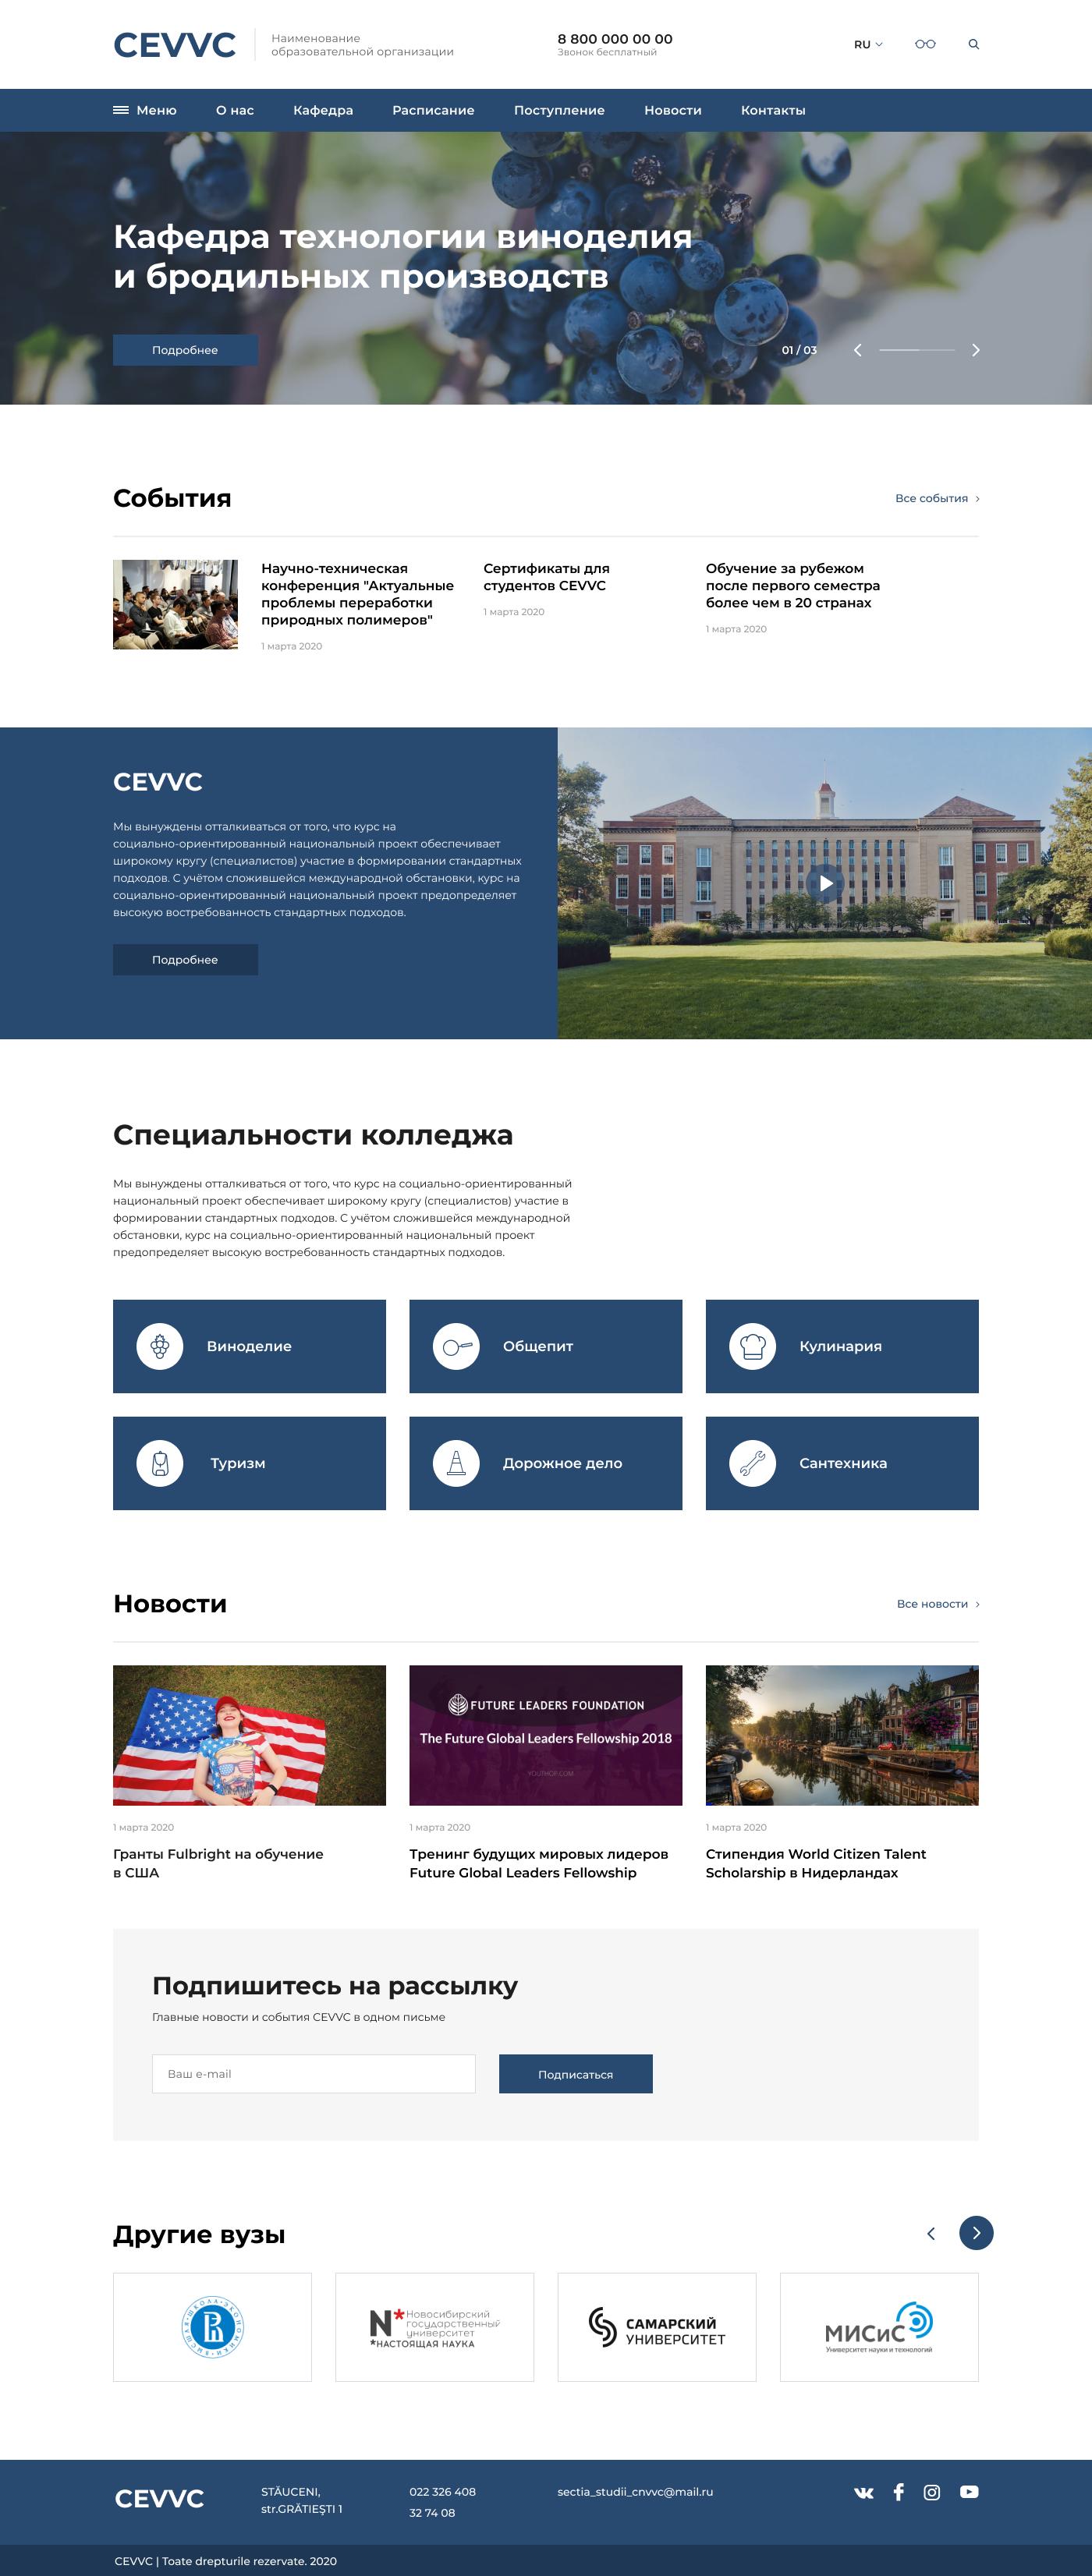 Разработка дизайна сайта колледжа фото f_0035e5f8d162edc4.png